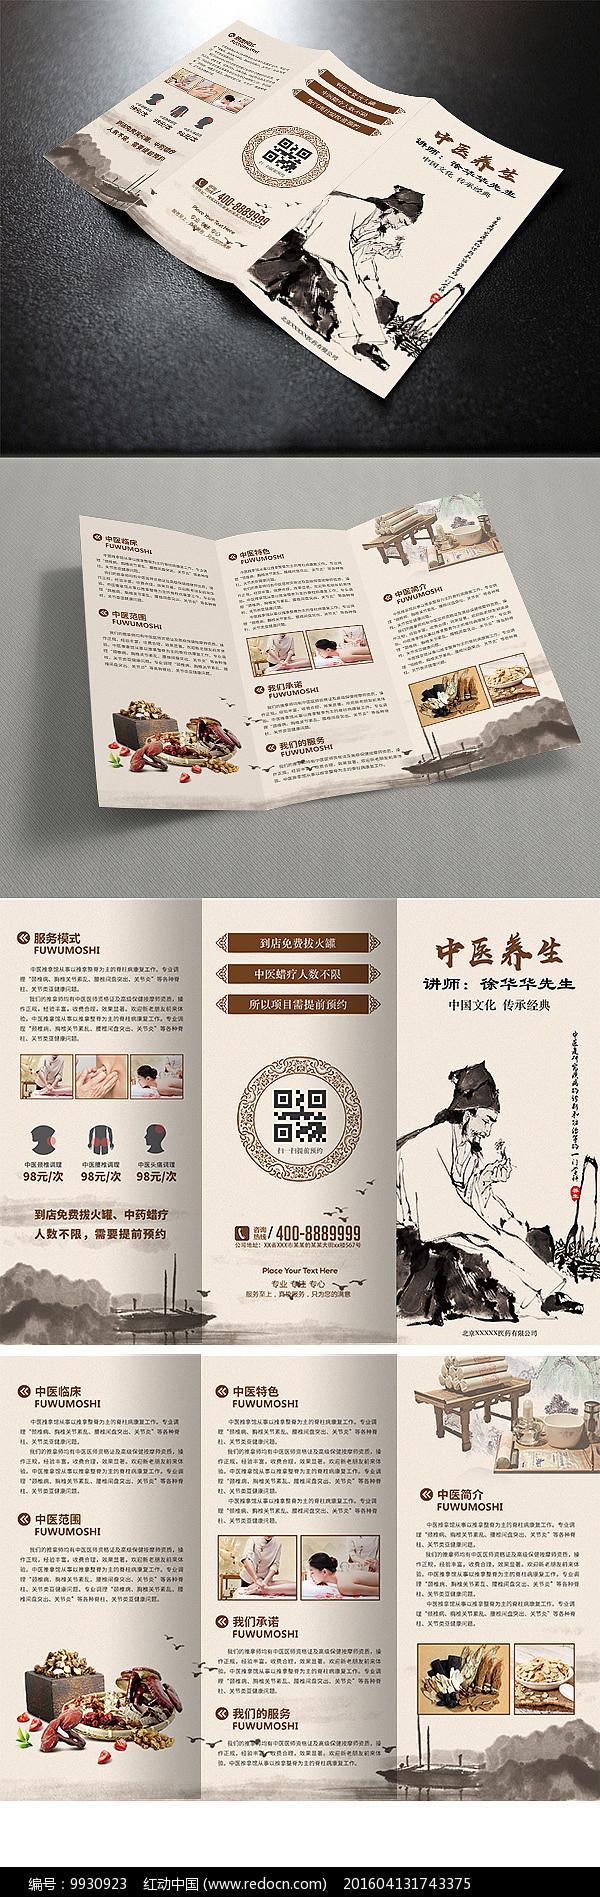 中国风中医养生产品三折页图片